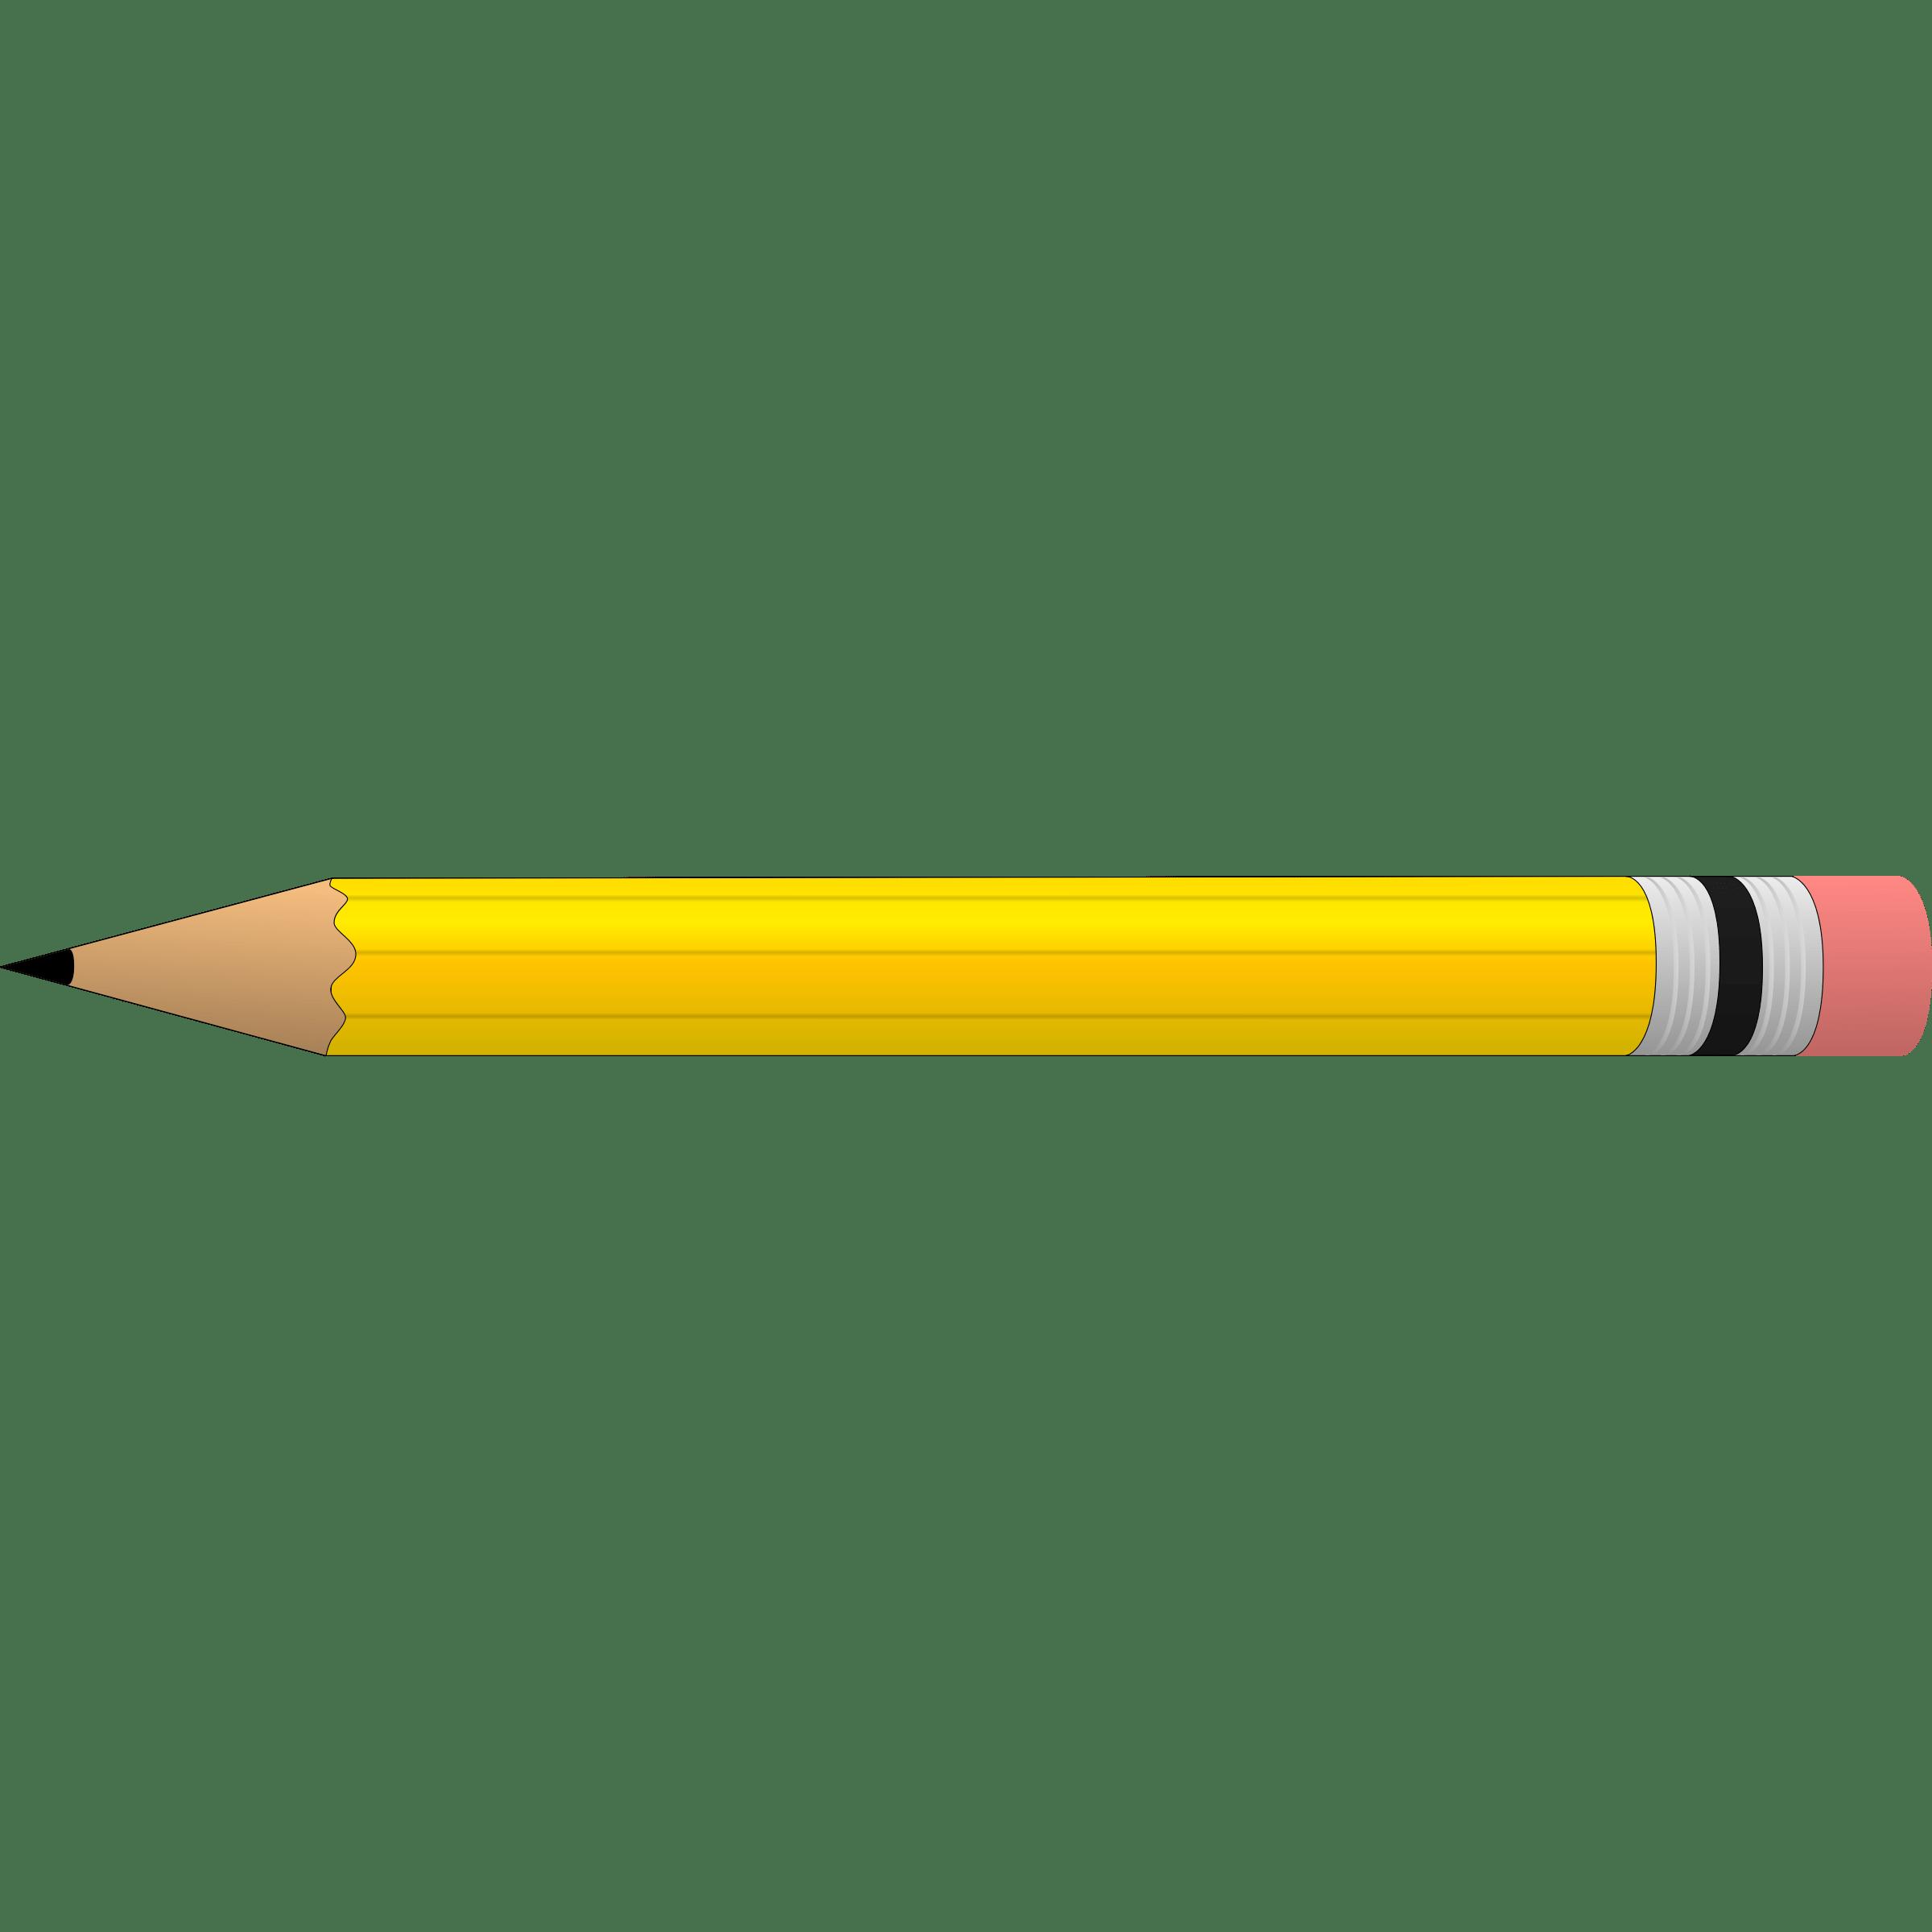 Pictures Pencil - Cliparts.co (2400 x 2400 Pixel)